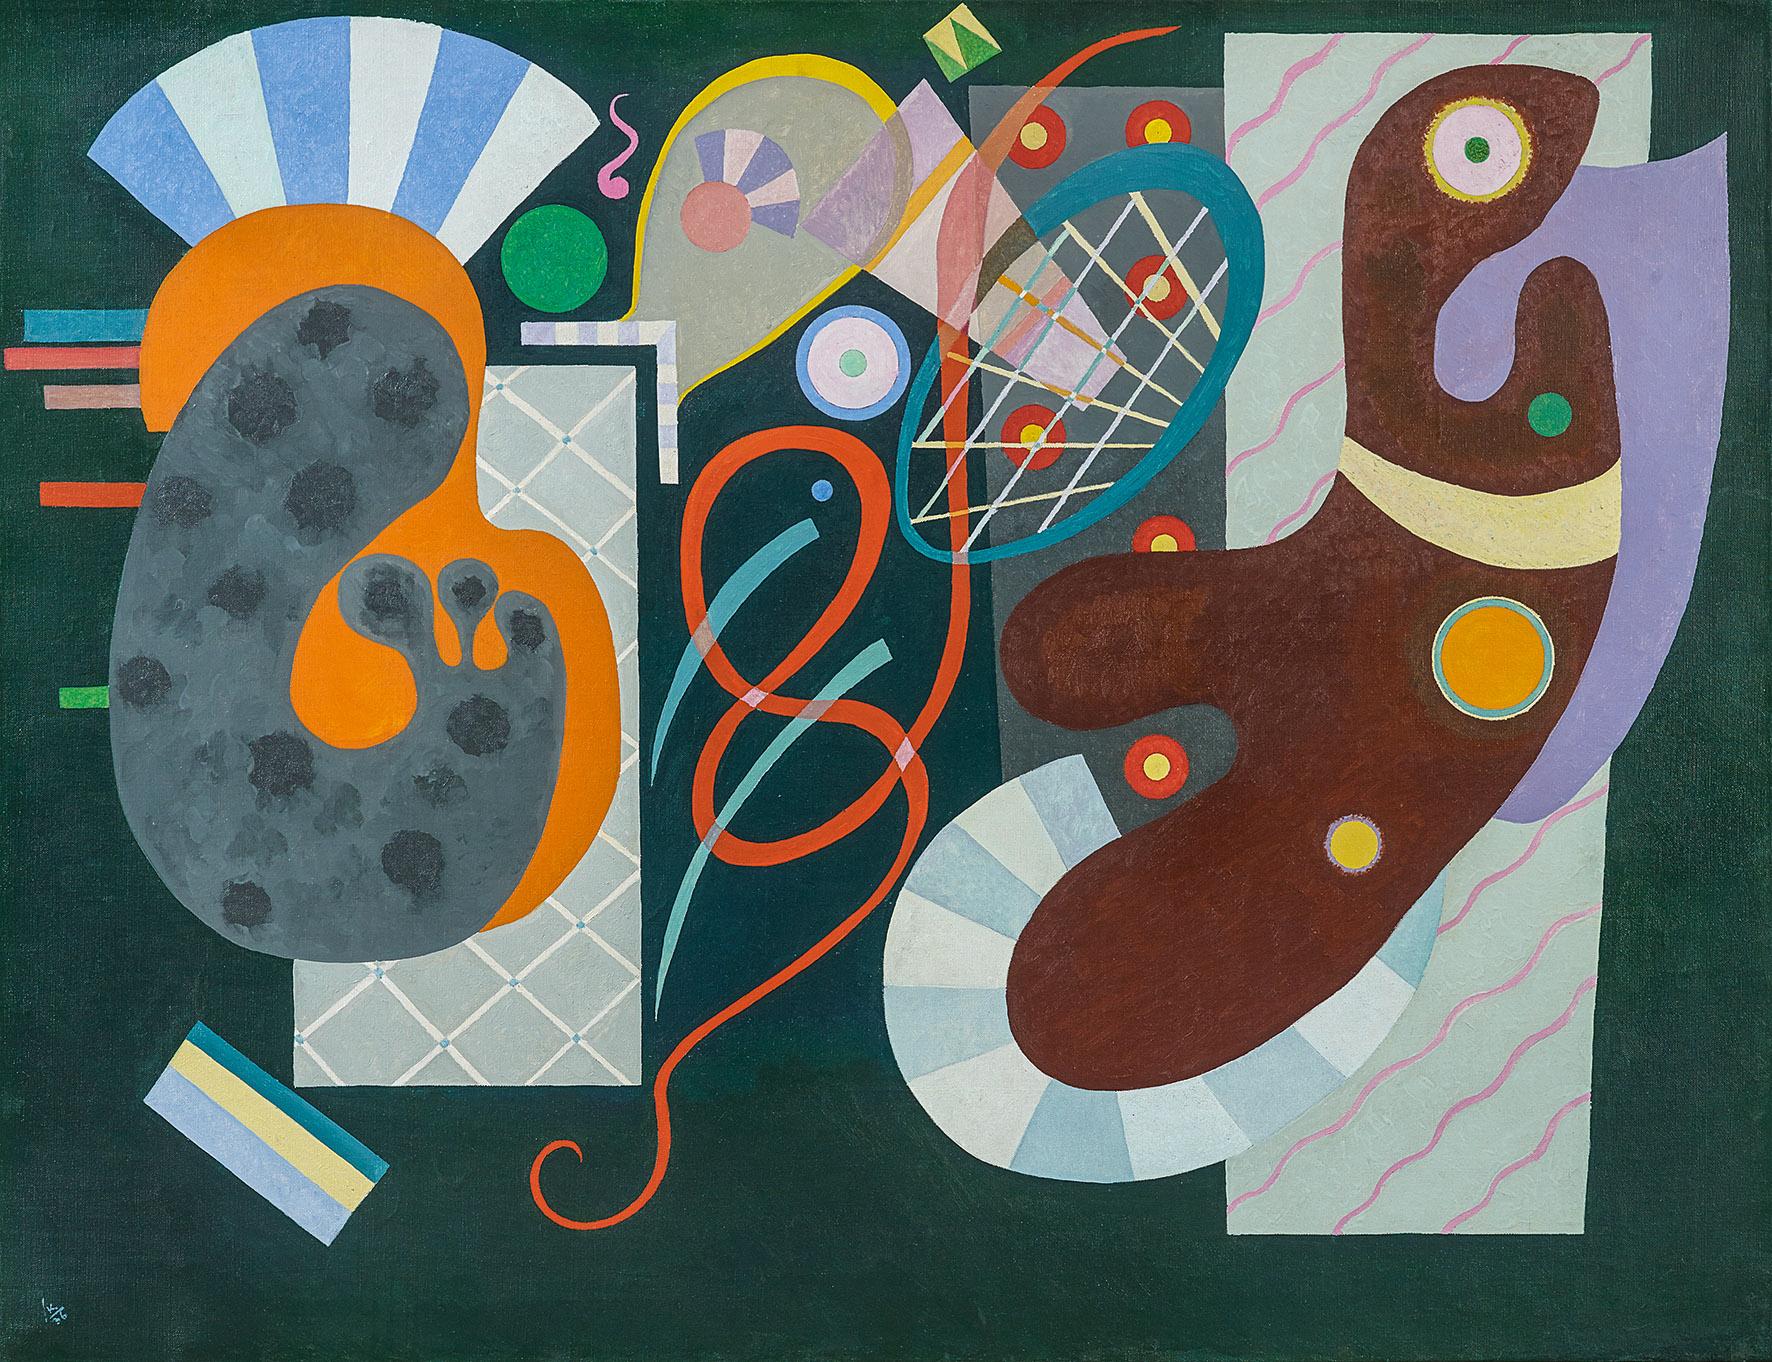 """Goldin ritorna ed è già """"da questo a quell'altro"""": a Verona con """"Giacometti da Chagall a Kandinsky"""""""